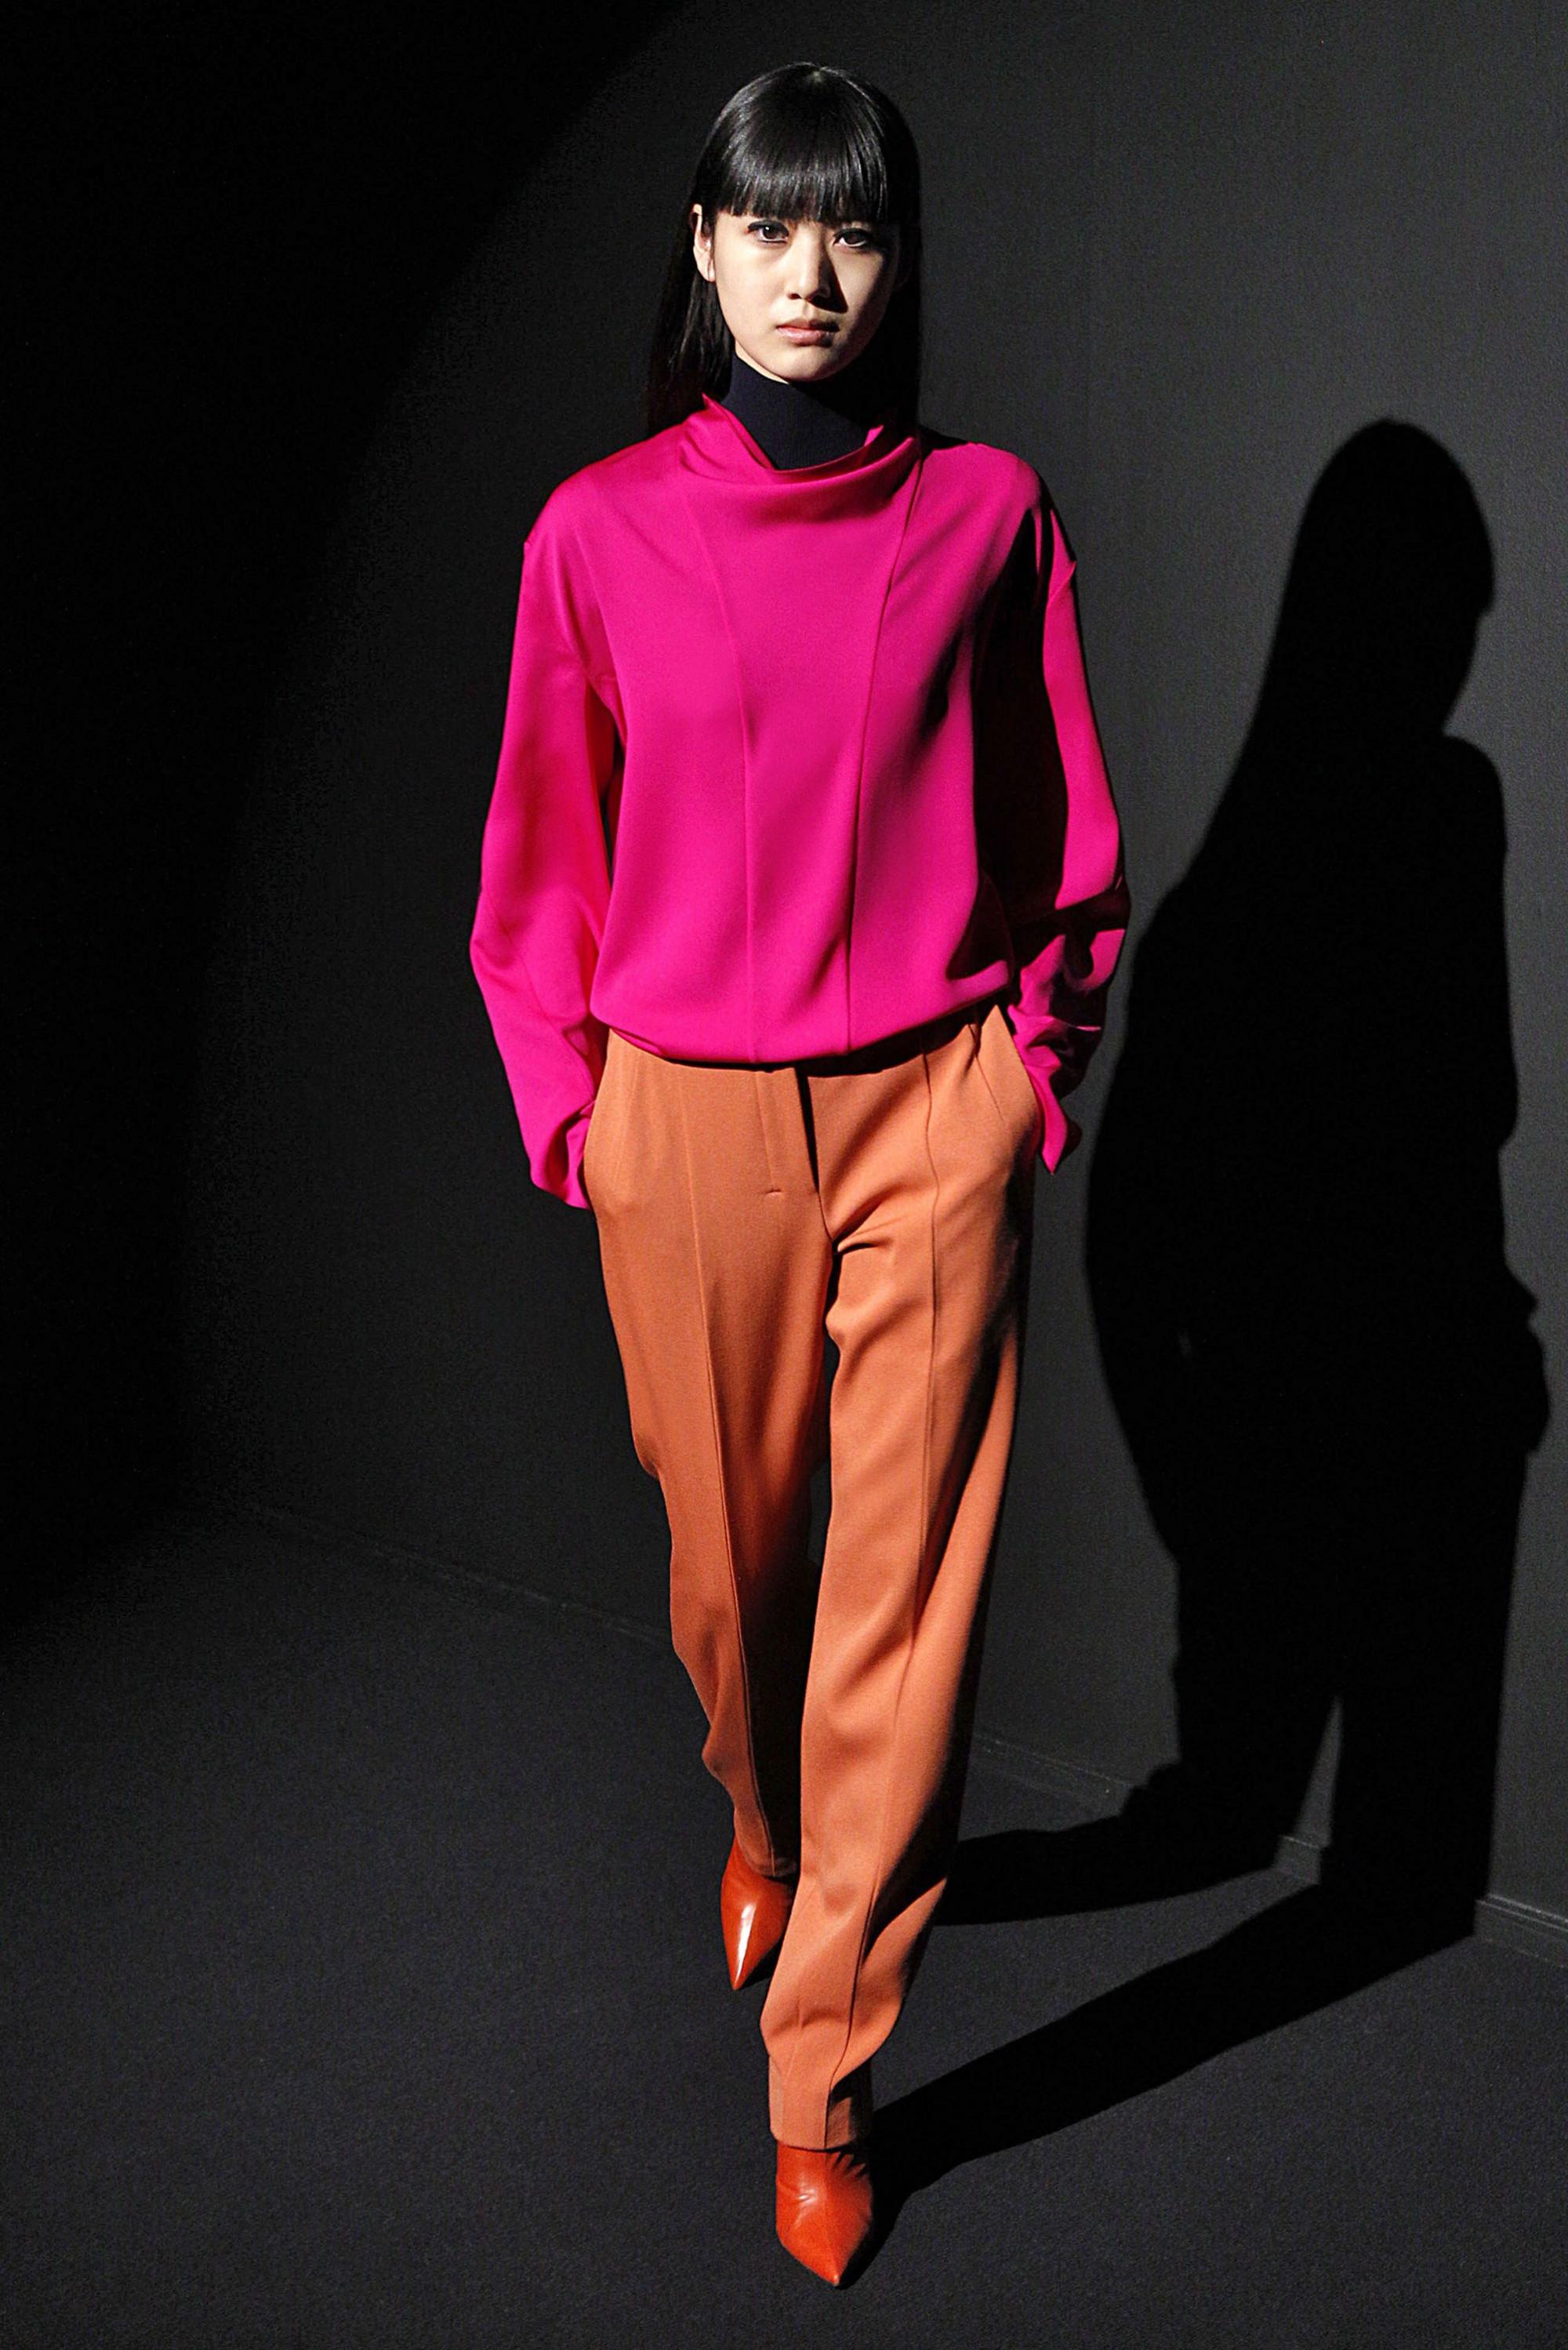 Narciso Rodriguez кофта розово-фиолетовой расцветки 2019 с брюками желто-оранжевого цвета и оранжевыми туфлями